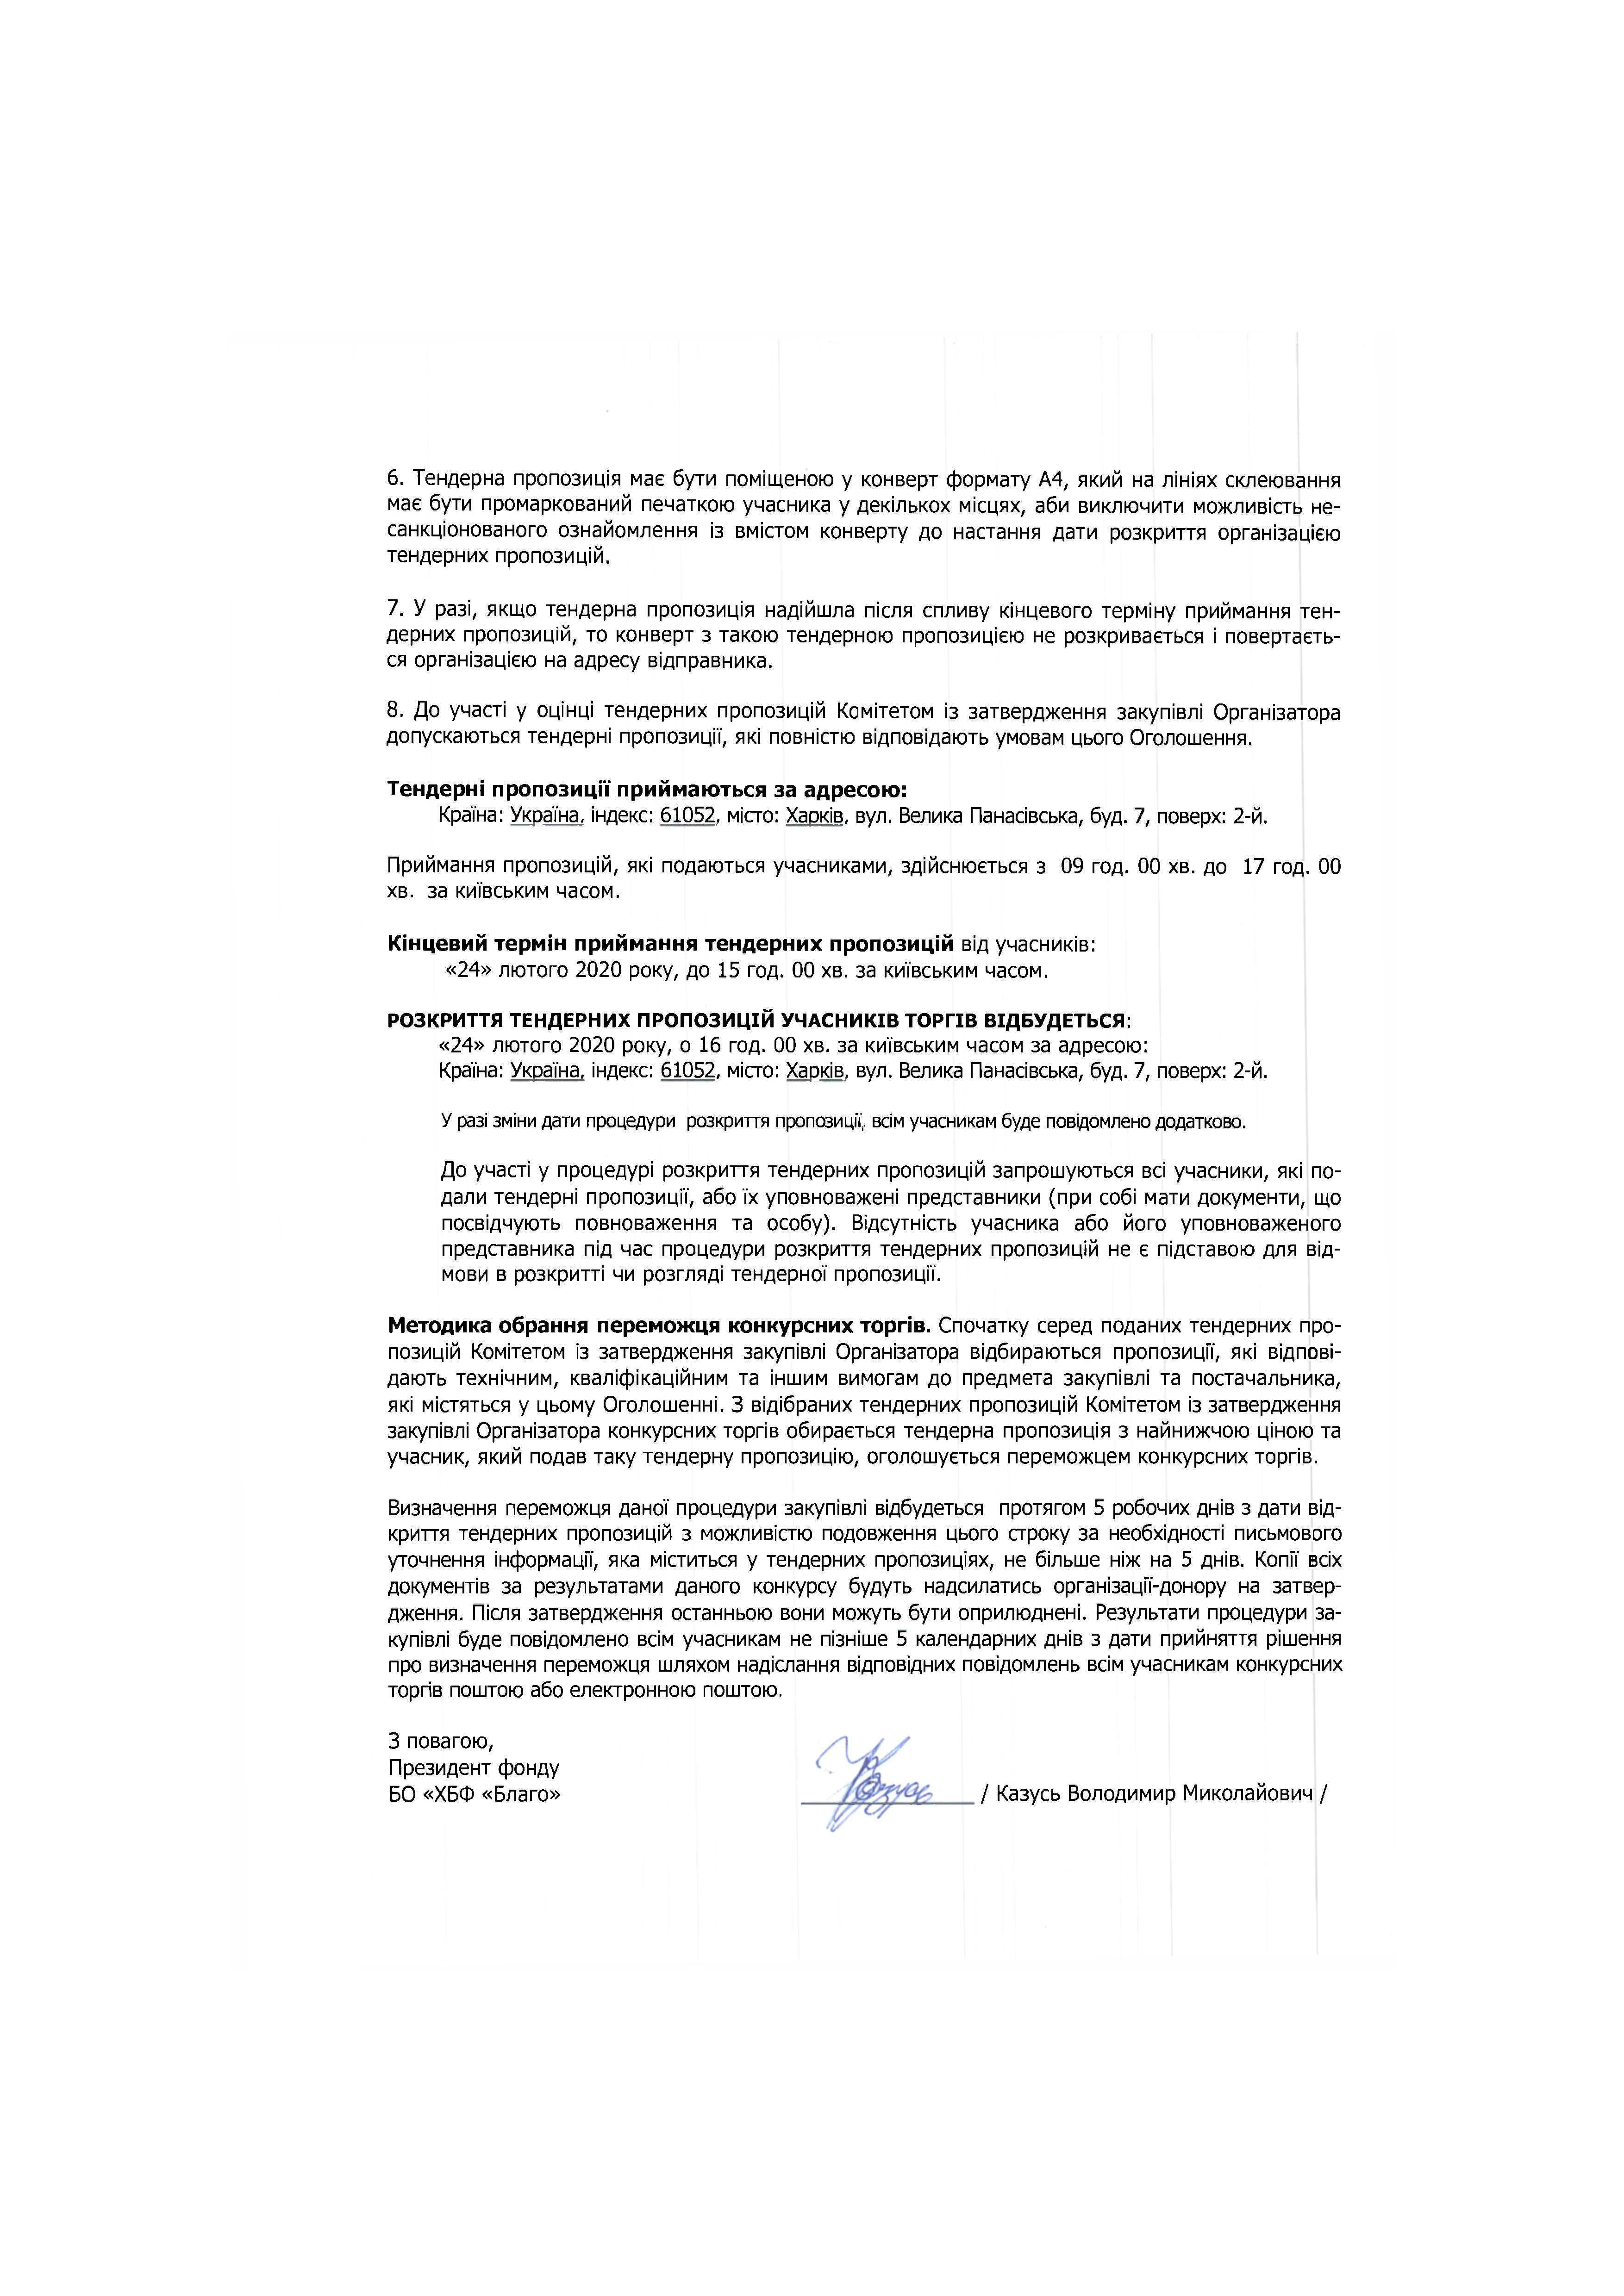 Скан торгів Дизель-3